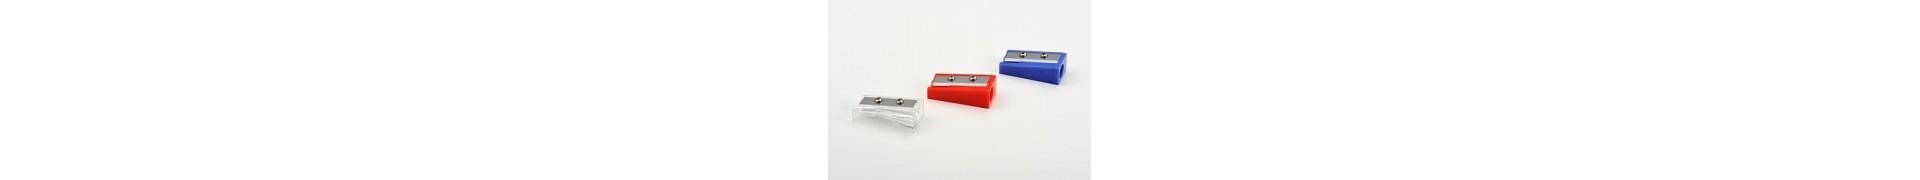 Taille-crayon NJK 200 - Transparent